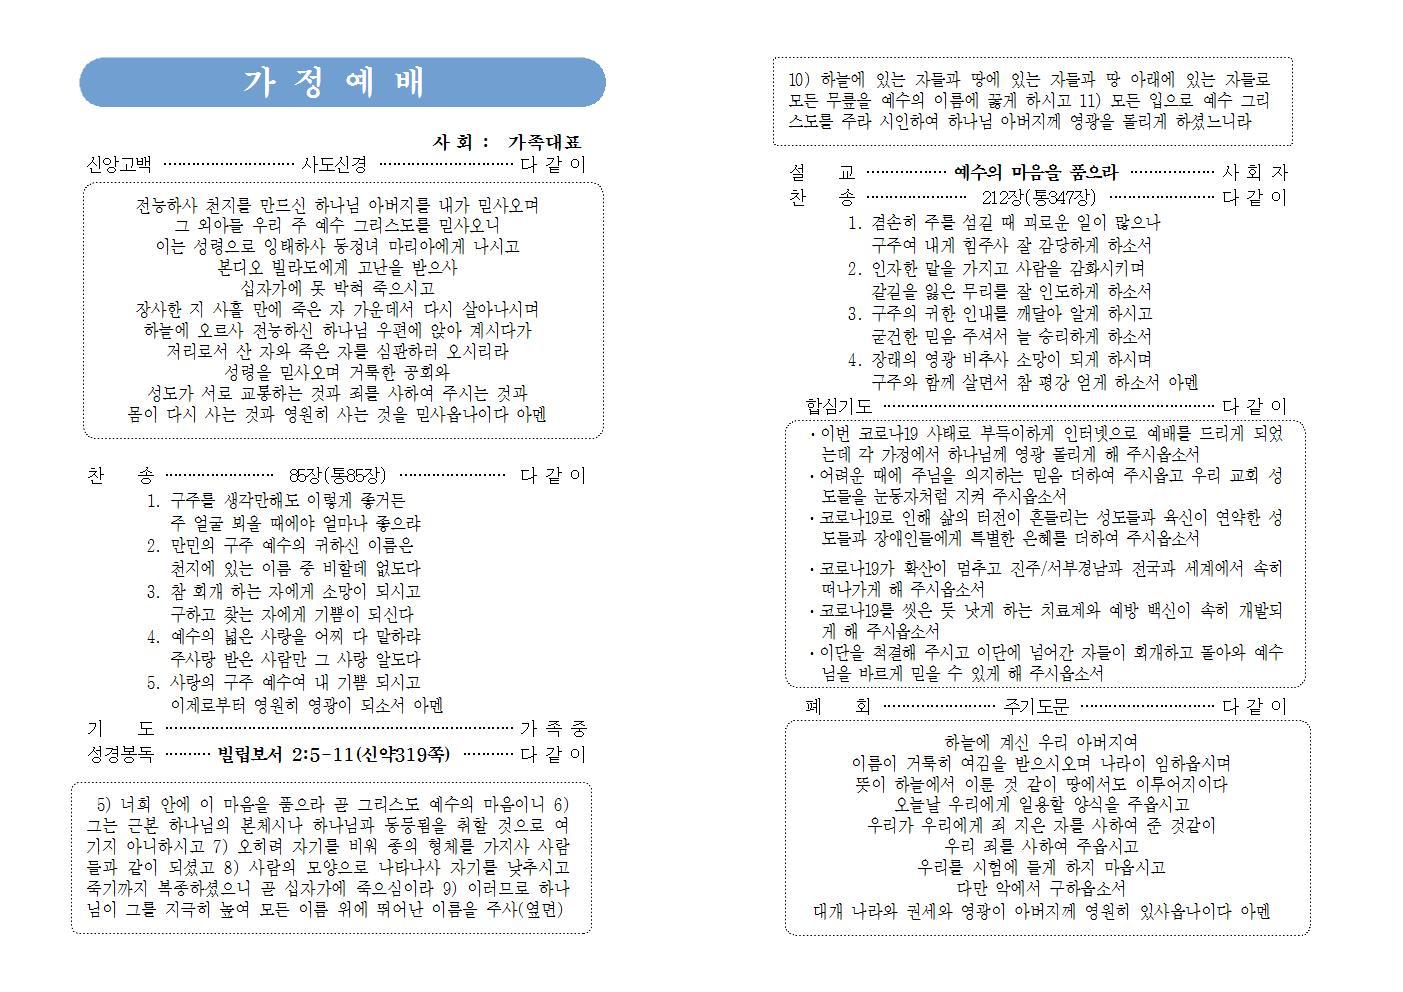 20200308 진주교회 가정예배 순서지001.jpg